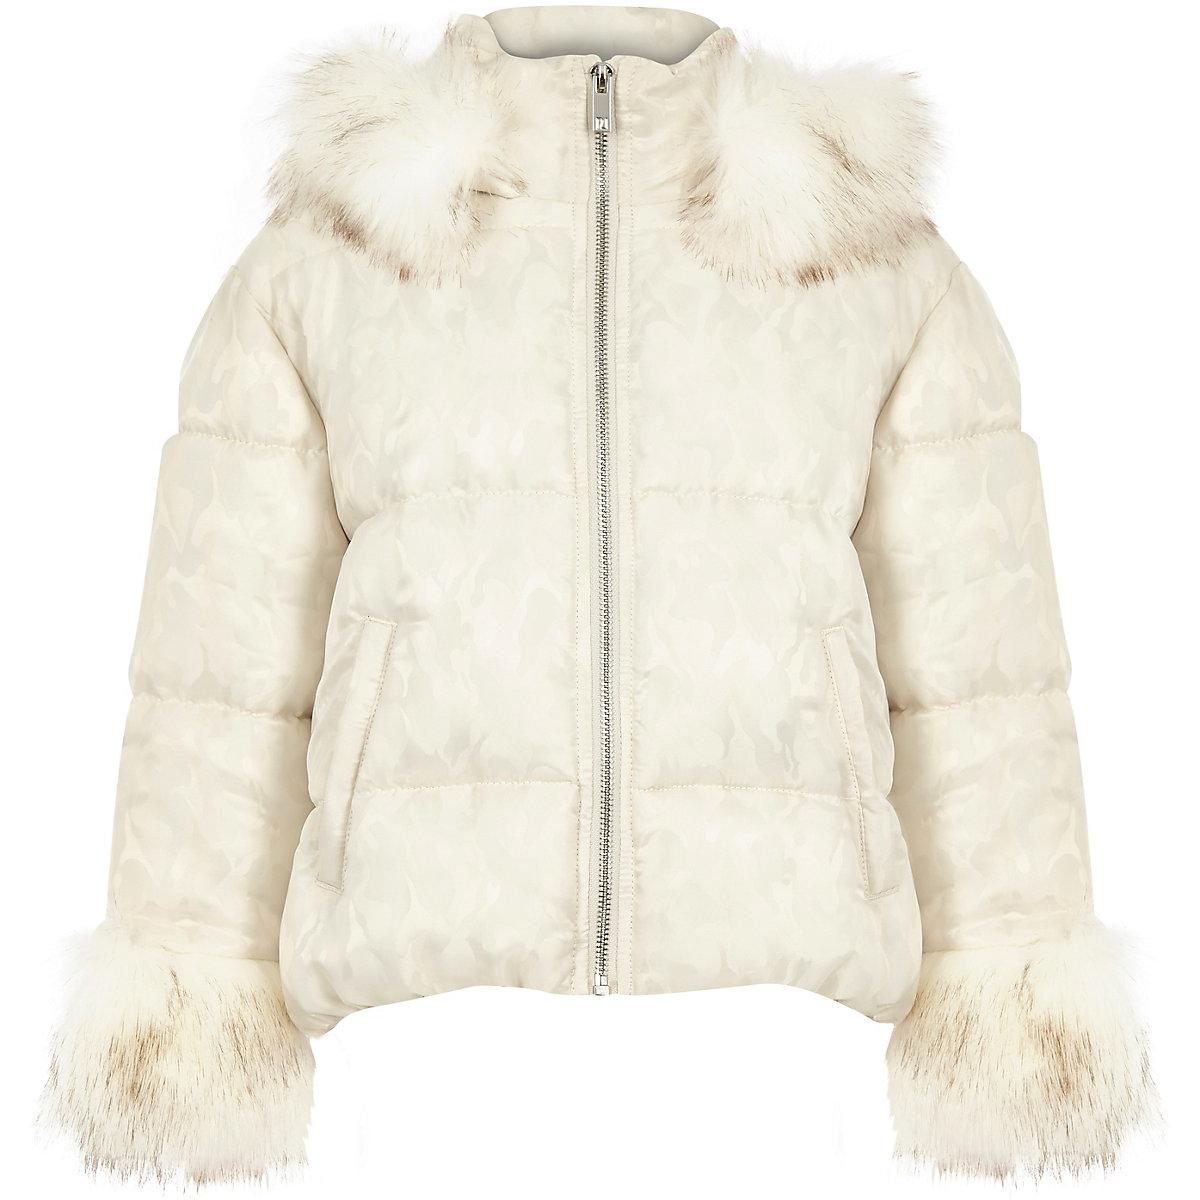 Girls white camo faux fur puffer jacket